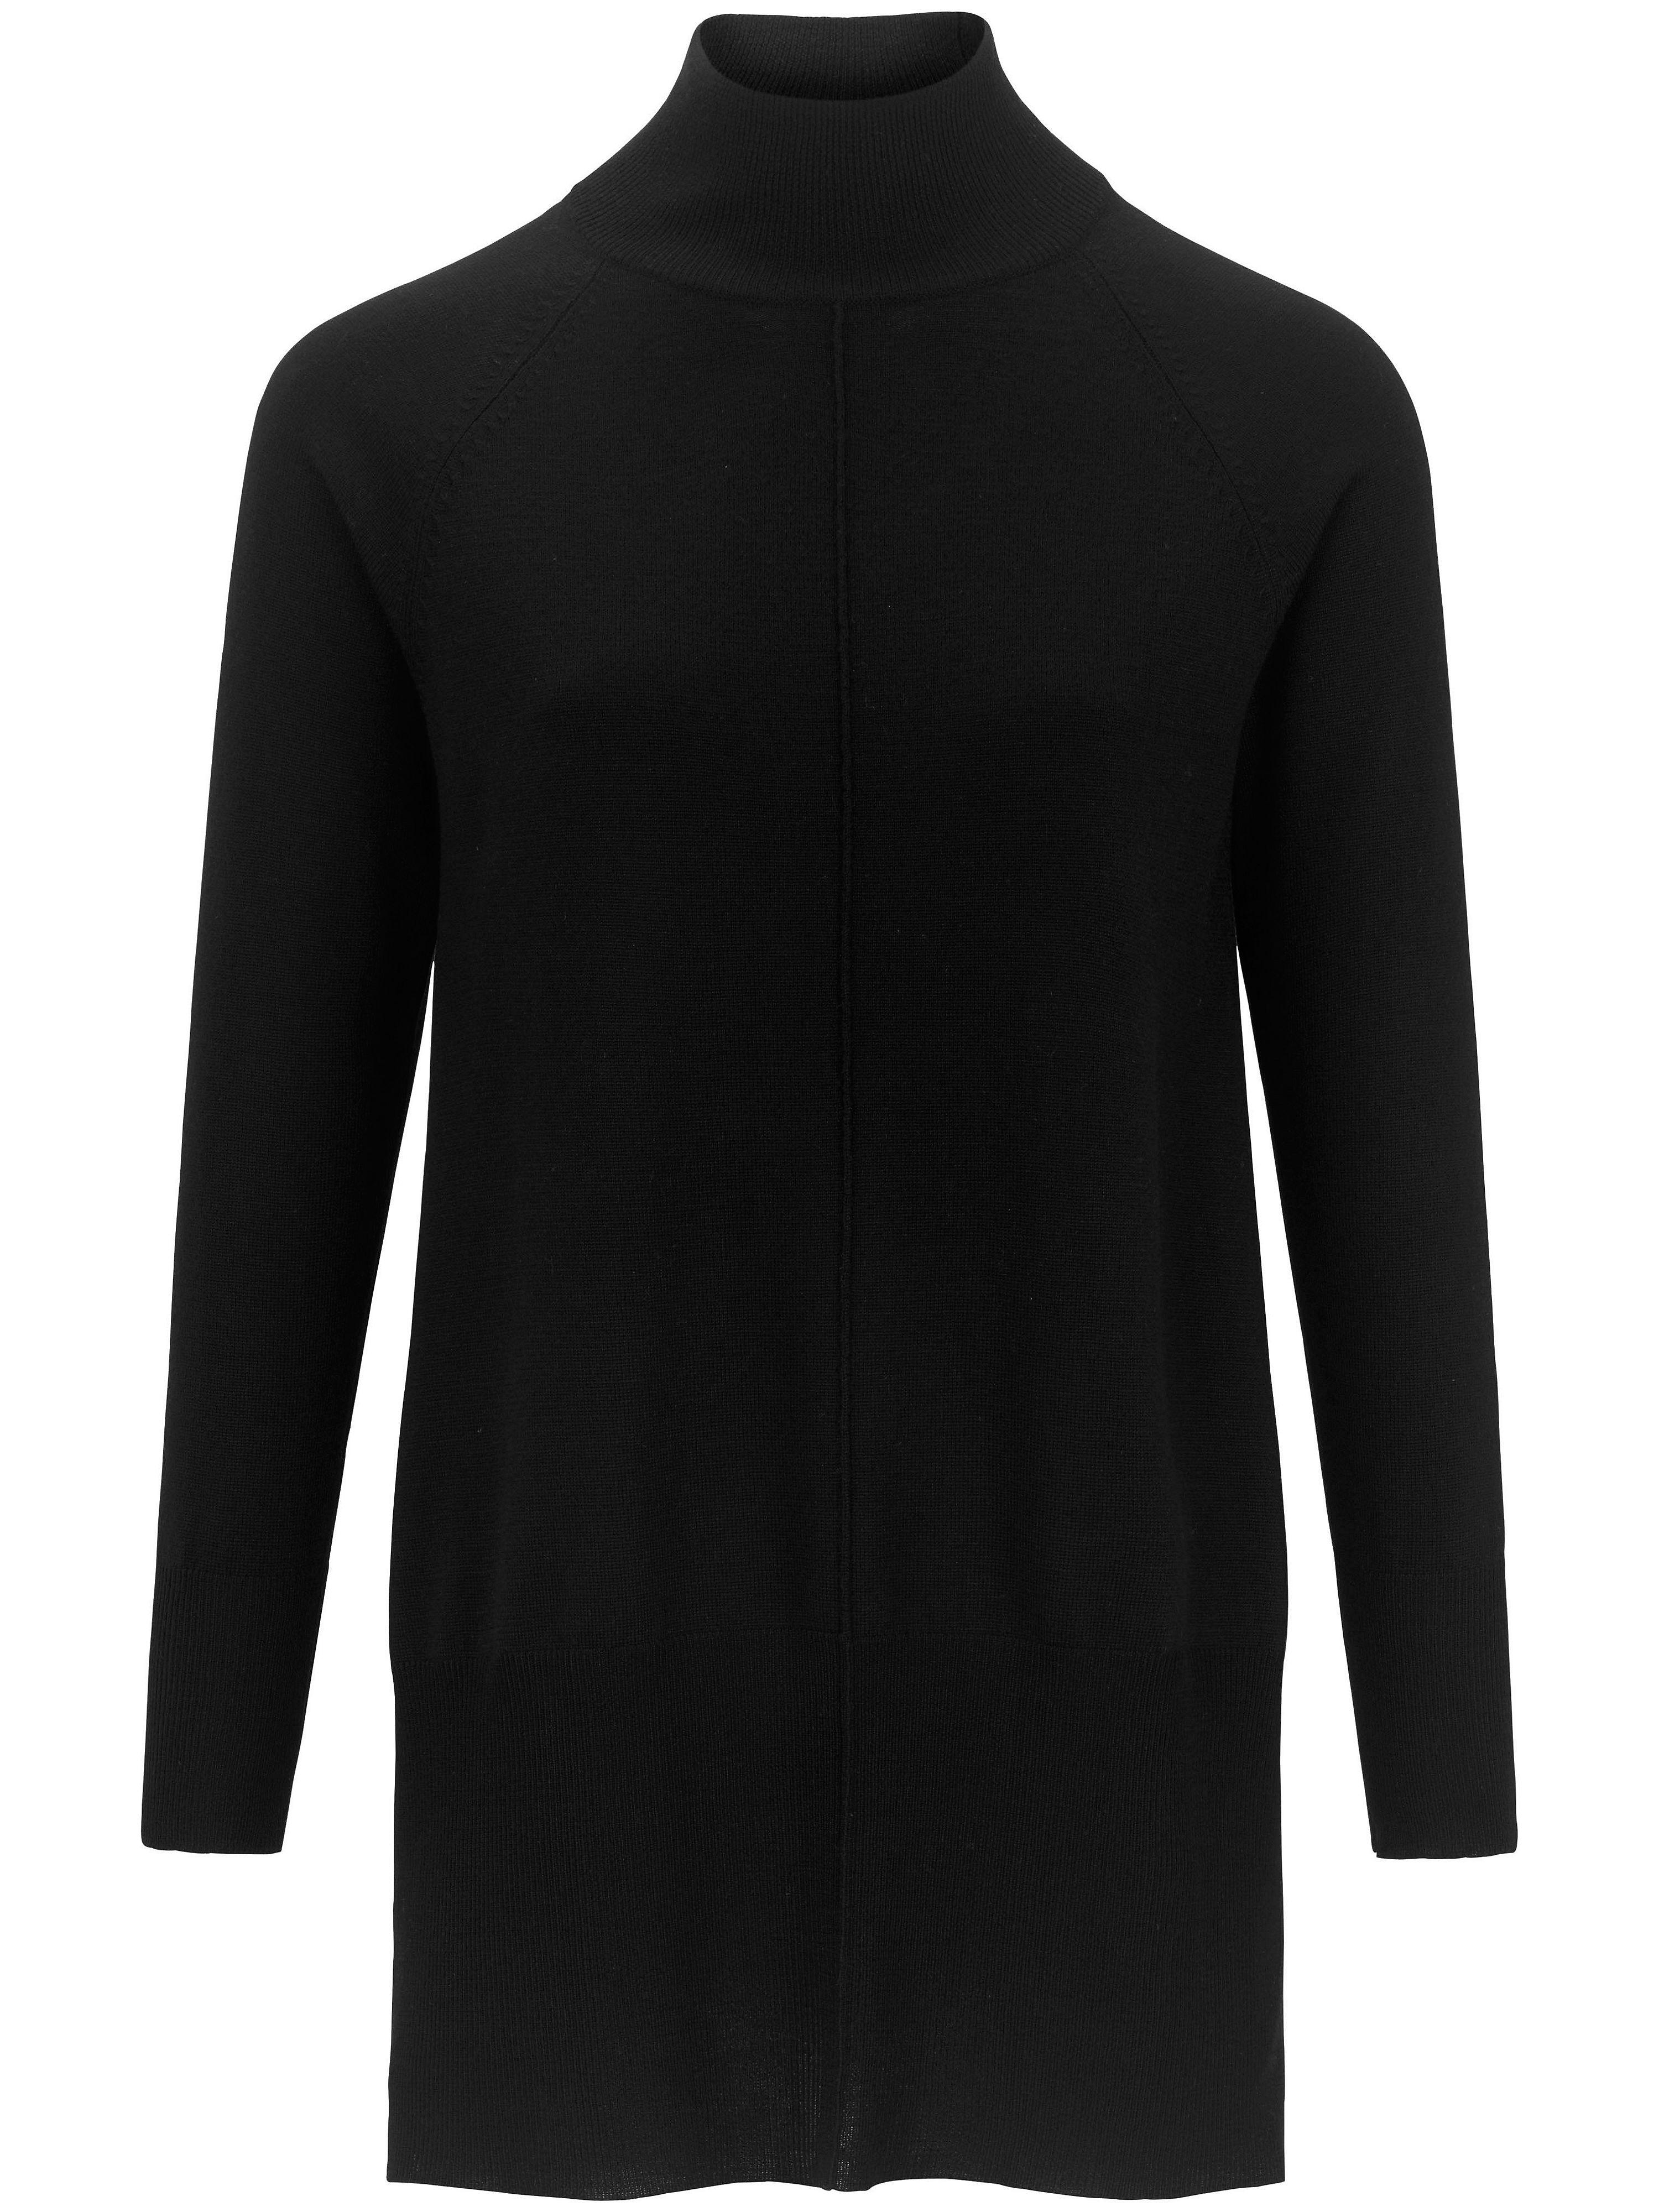 Image of Lange trui van 100% scheerwol Van DAY.LIKE zwart